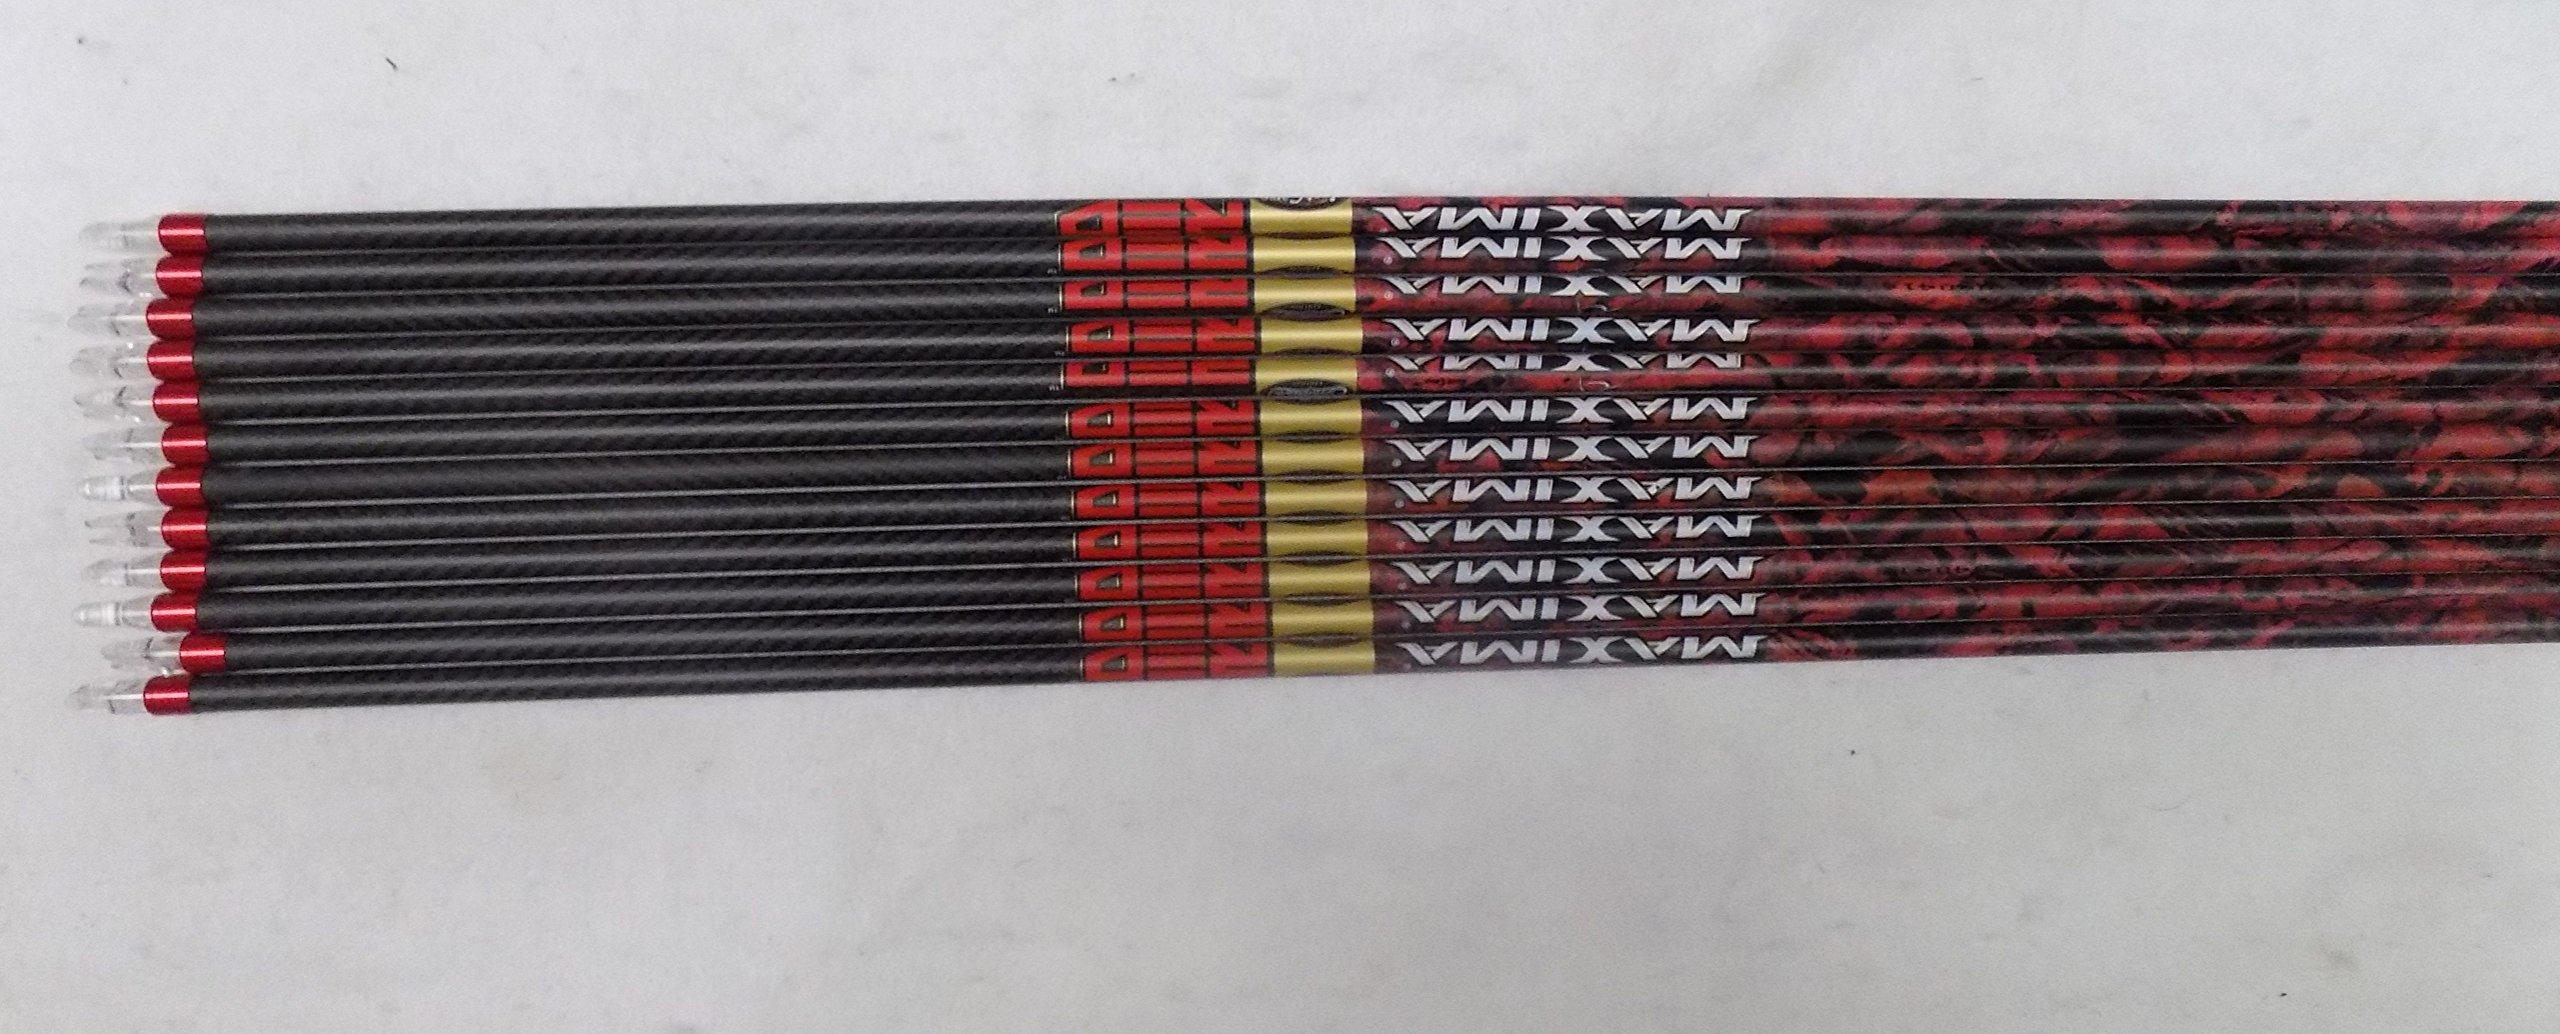 Carbon Express Maxima Red 250 Mathews Mossy Oak Blaze Wraps w/Blazer Vanes 1 Dz.